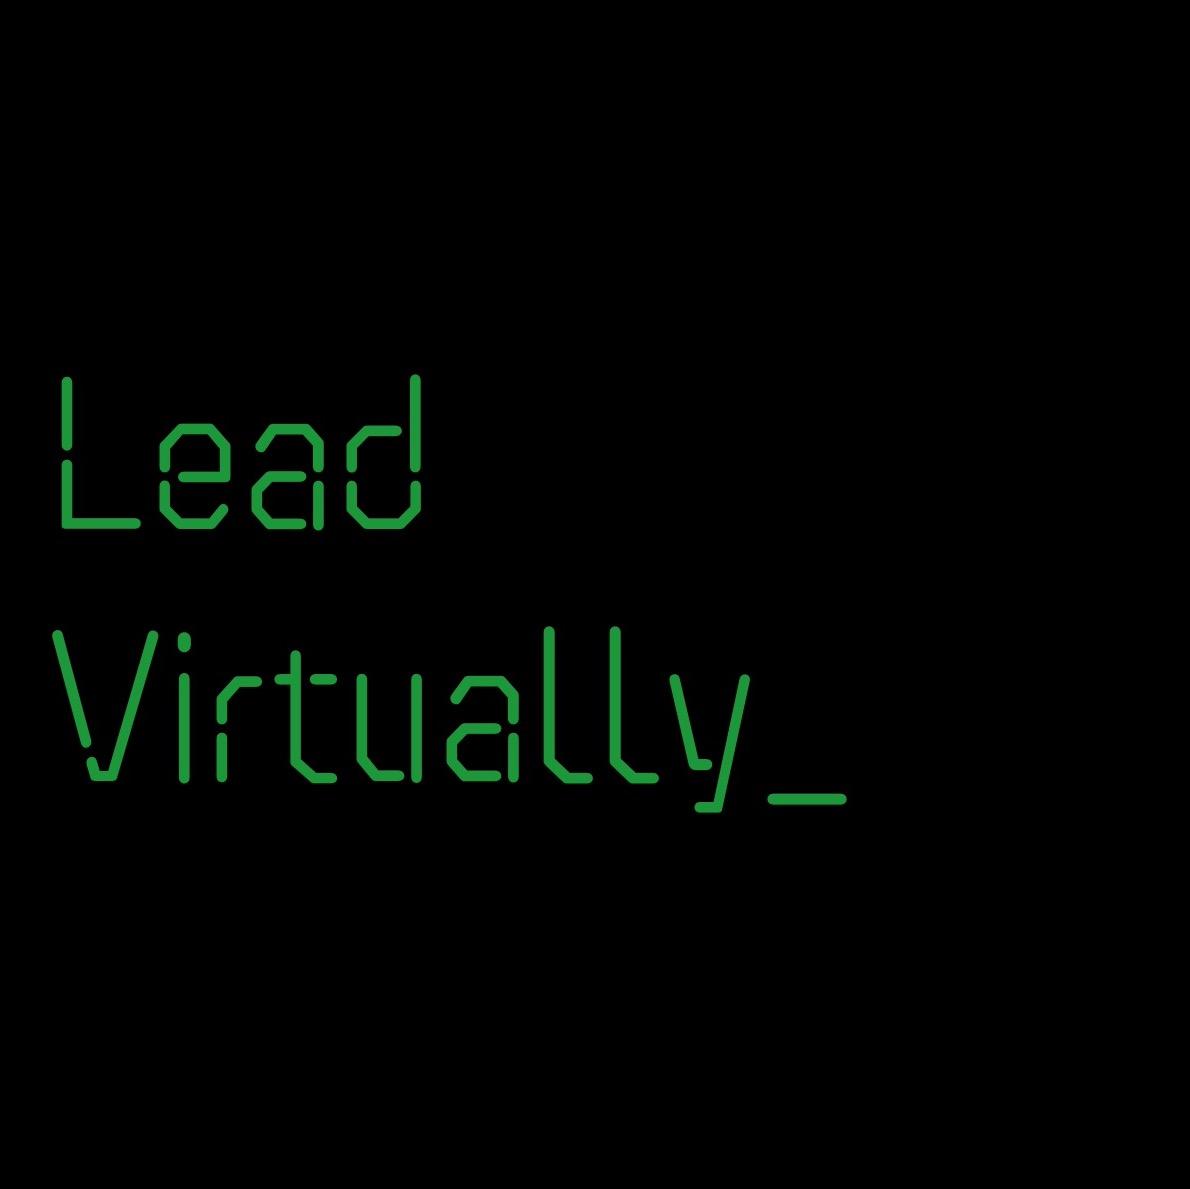 Lead Virtually_